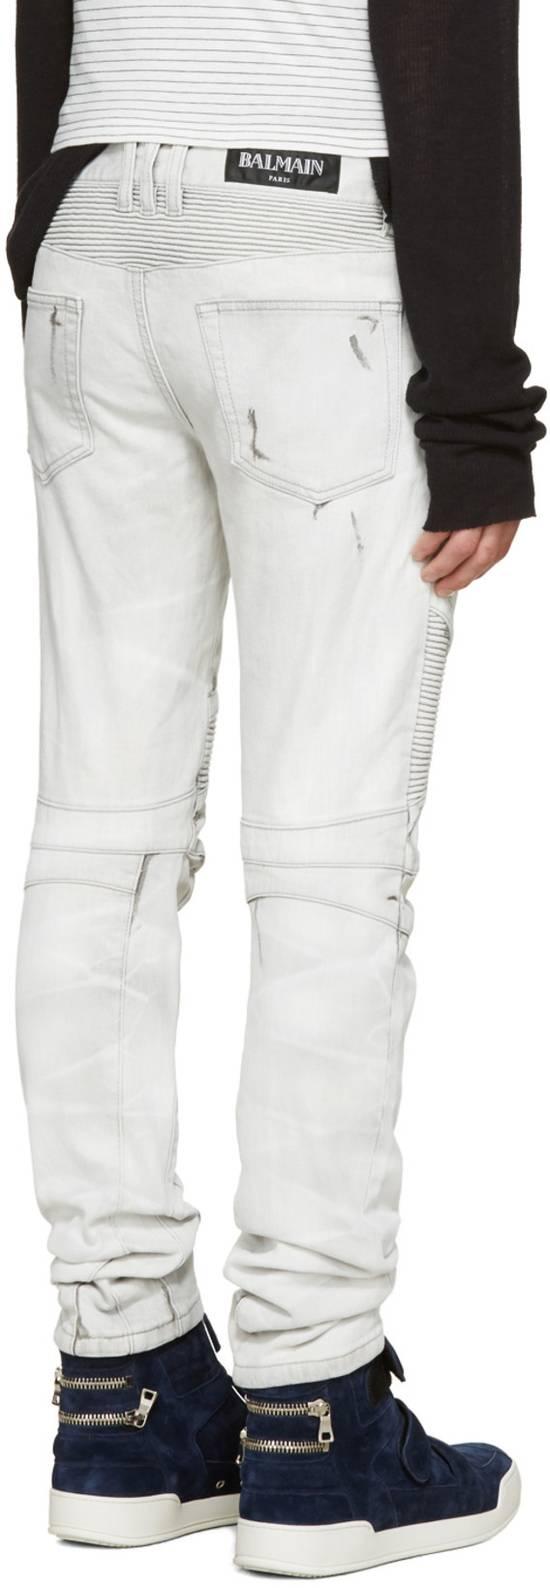 Balmain NWT, THE BEST! Biker Jeans (WAS $1650) - RUNS SMALLER Size US 36 / EU 52 - 3